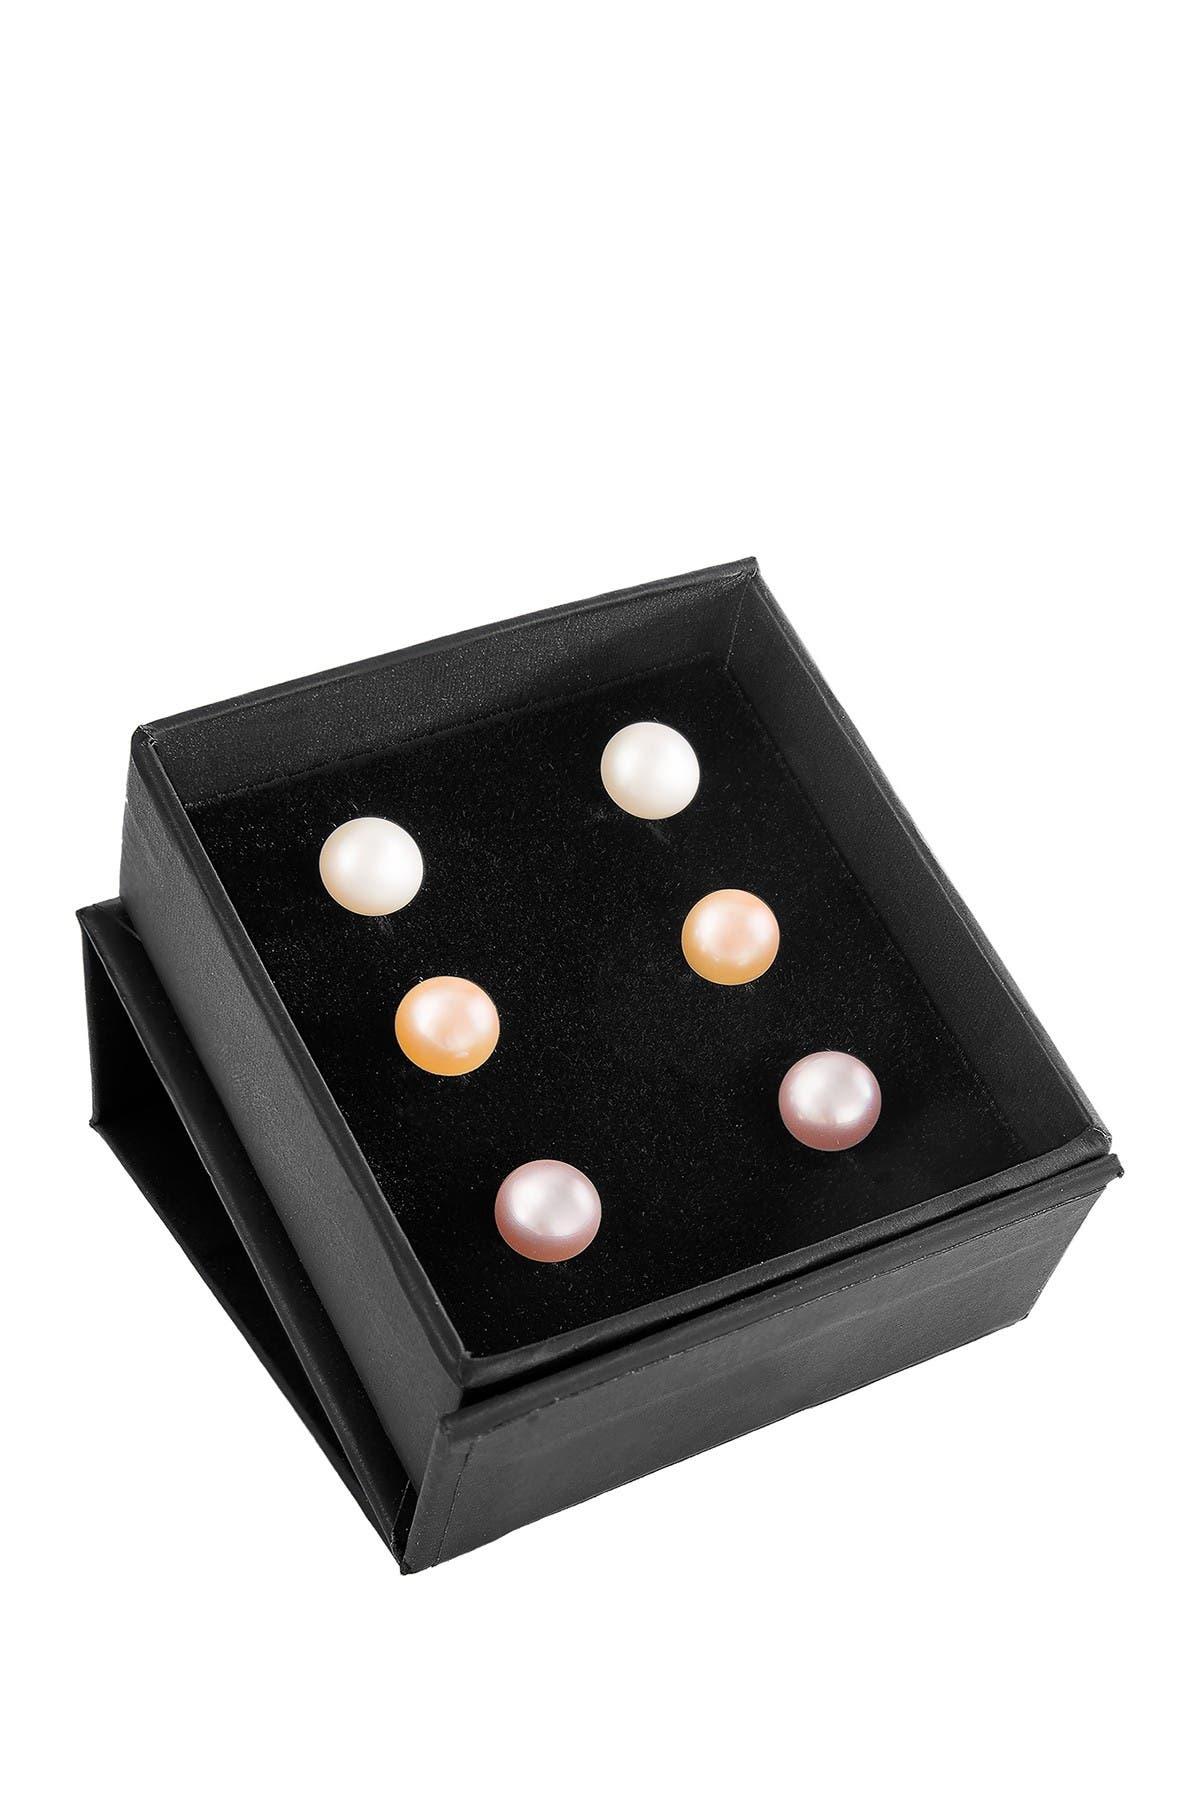 Image of Splendid Pearls Trio of Multicolored Freshwater Pearl Stud Earrings - Set of 3